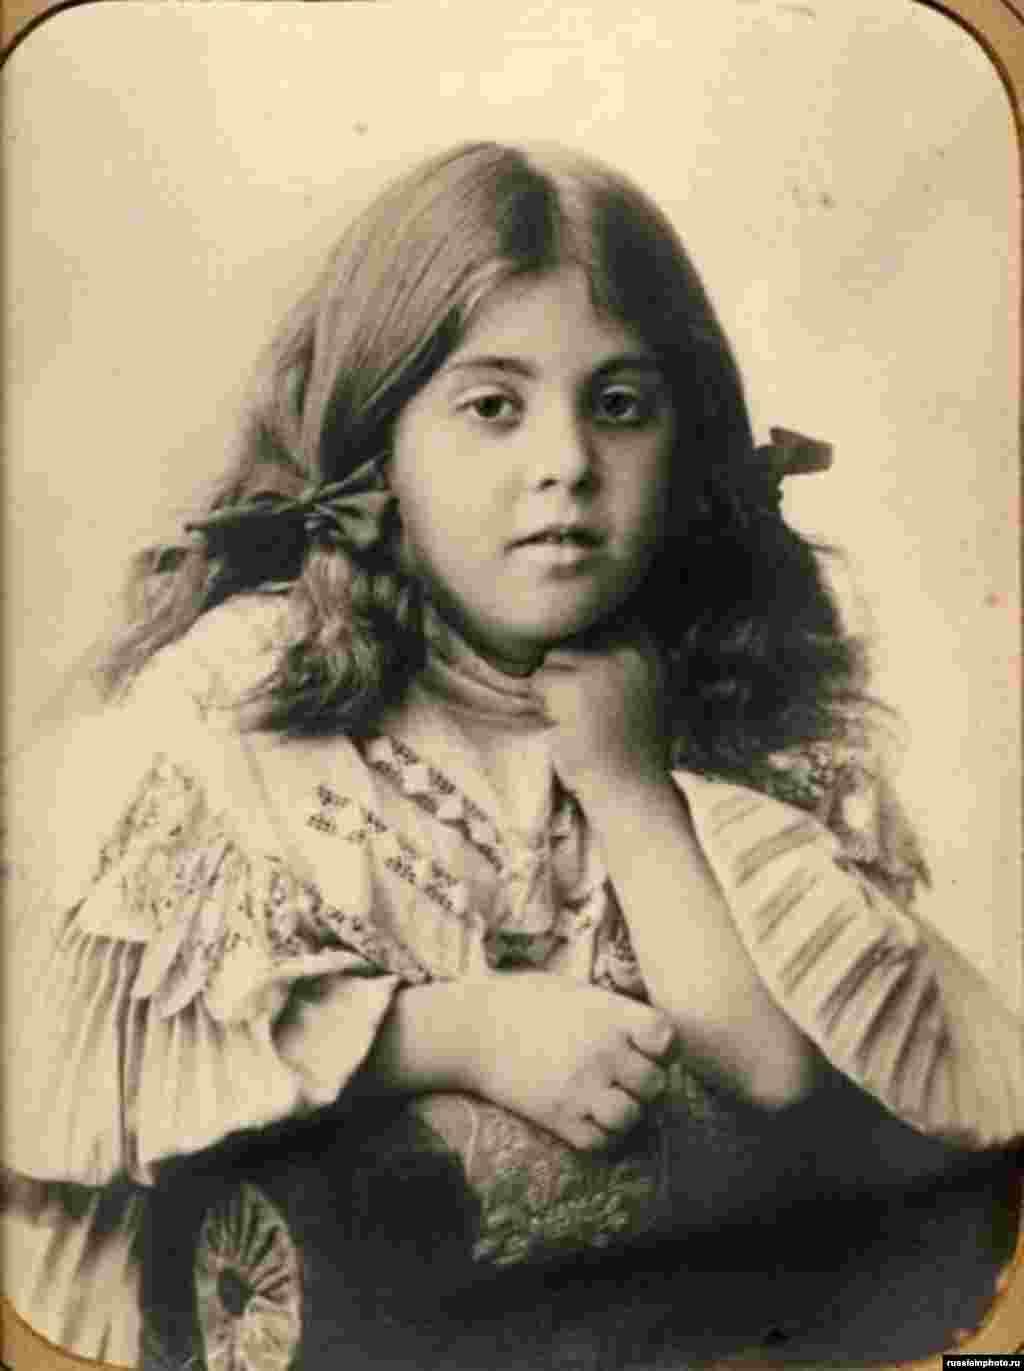 Қыз баланың суреті. Мәскеу, 1890 жыл.